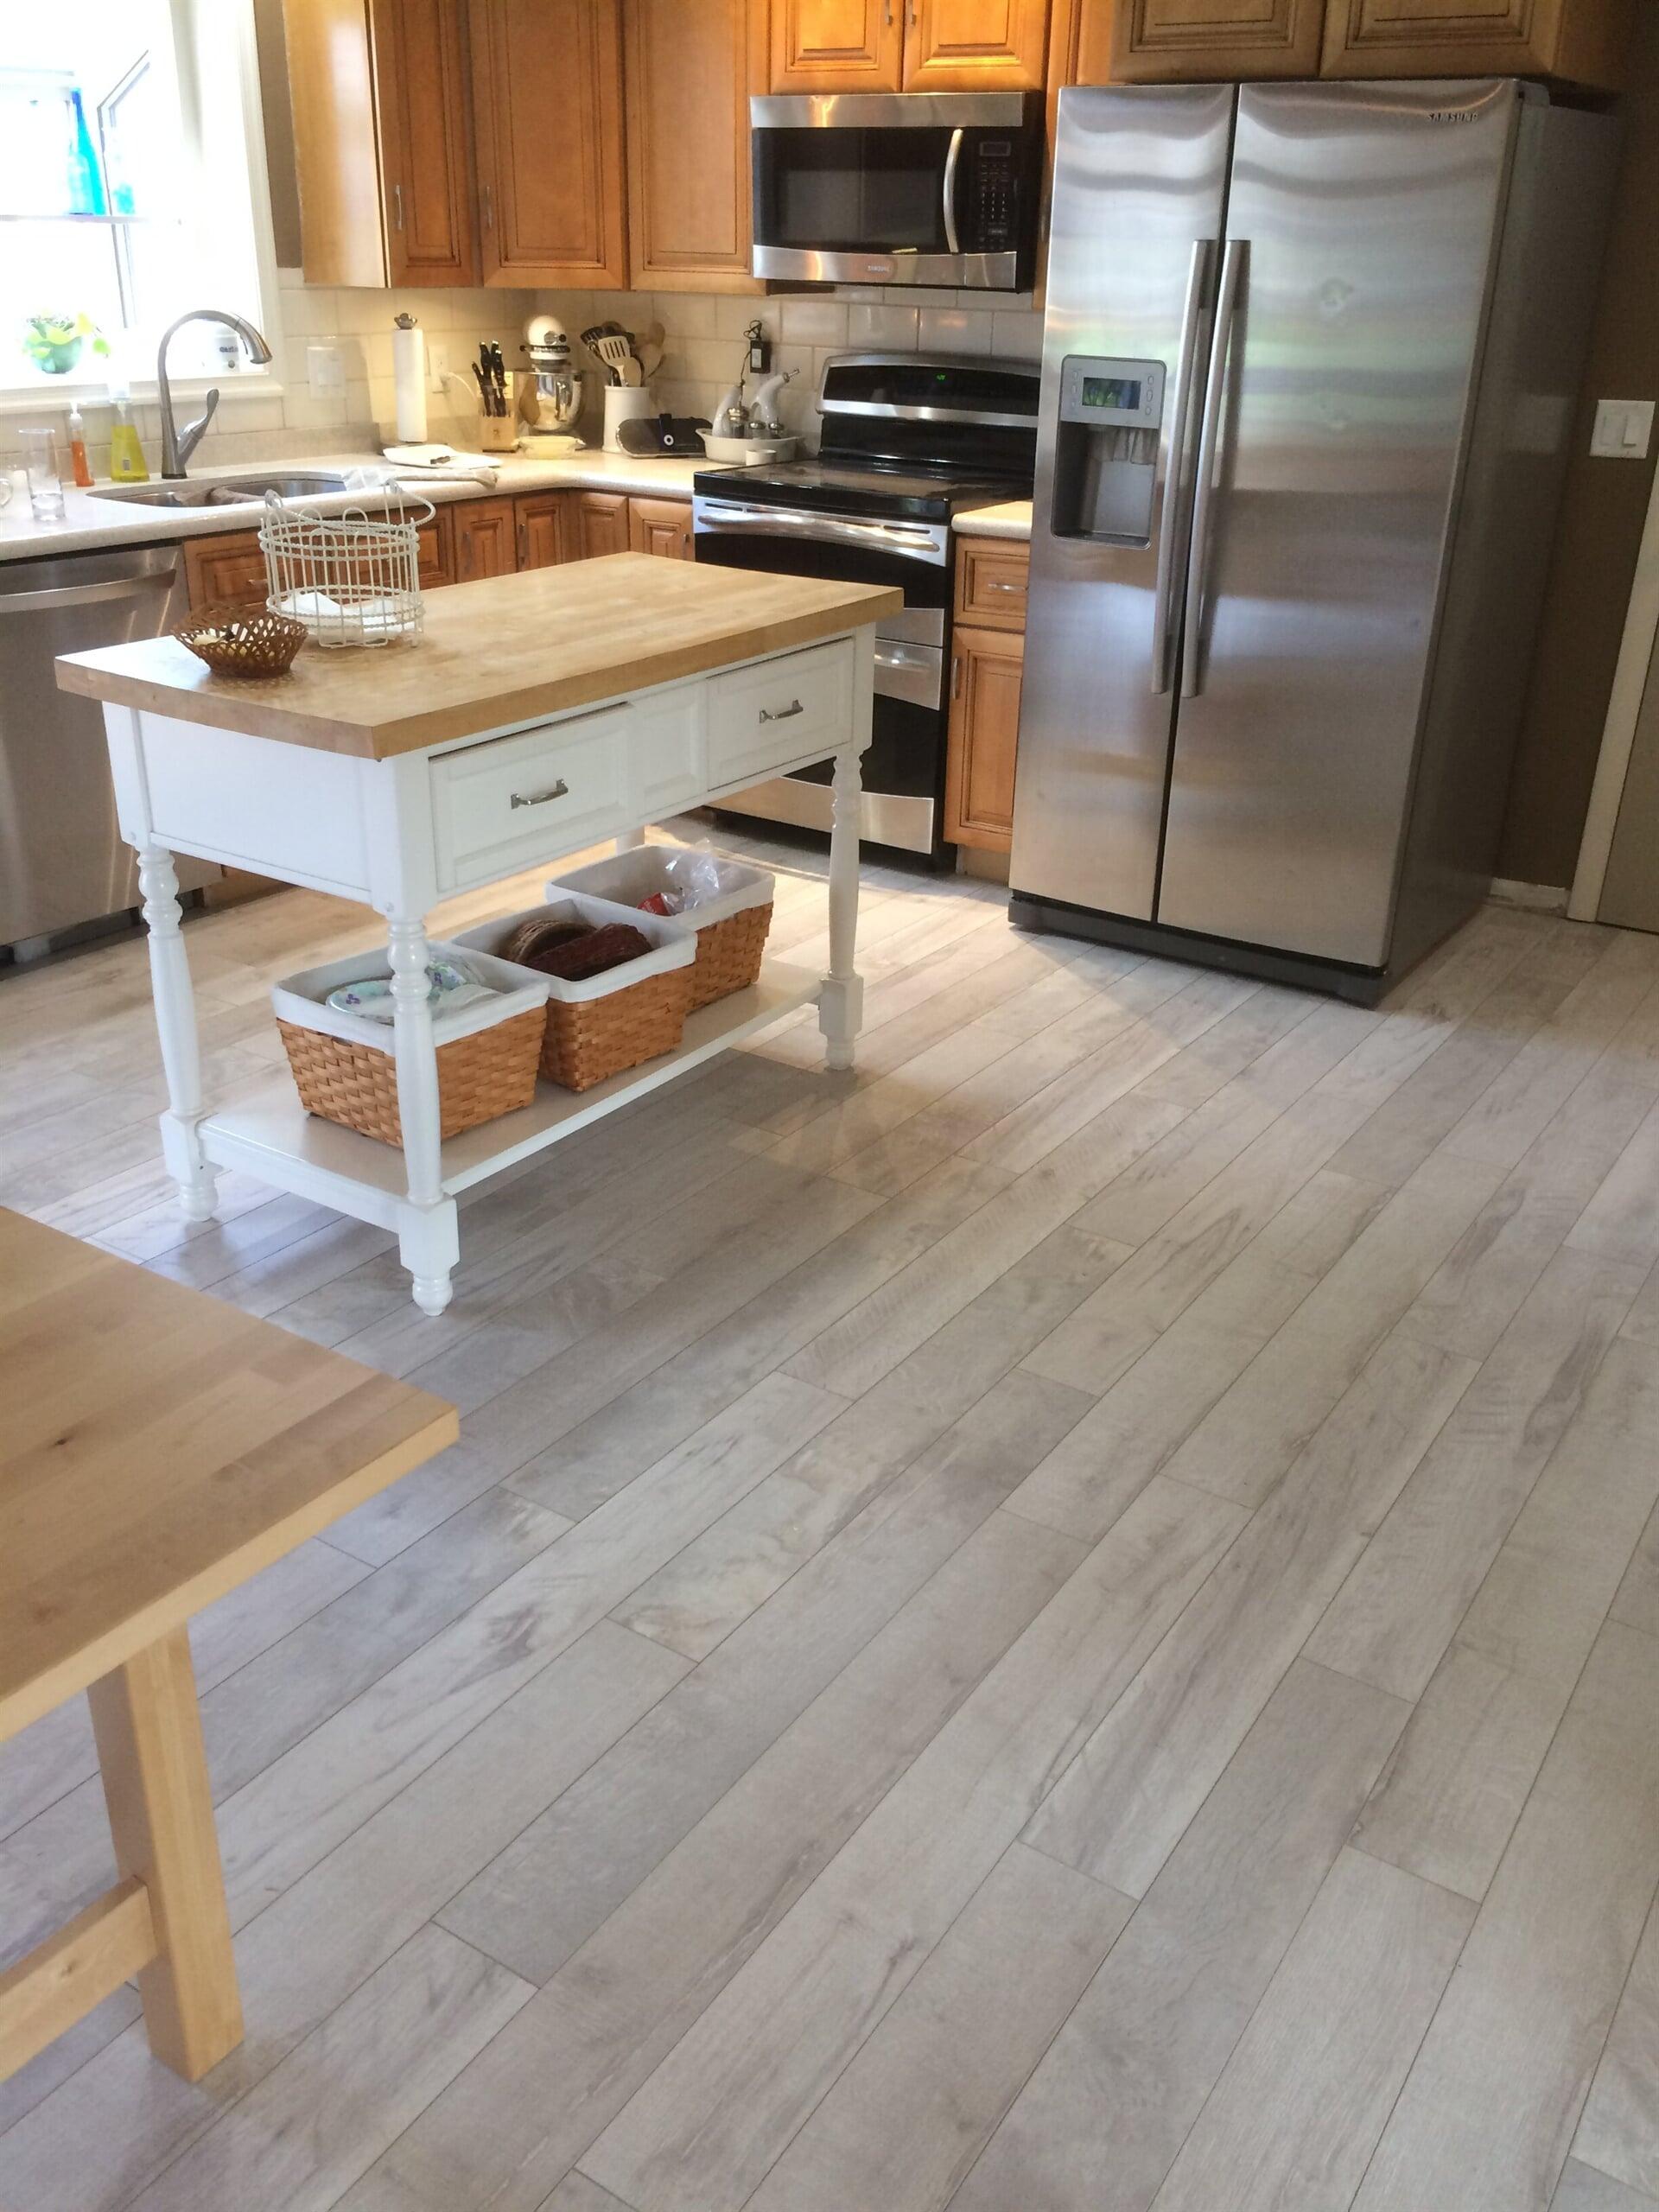 Waterproof wood look flooring in New Holland, PA from Freedom Flooring